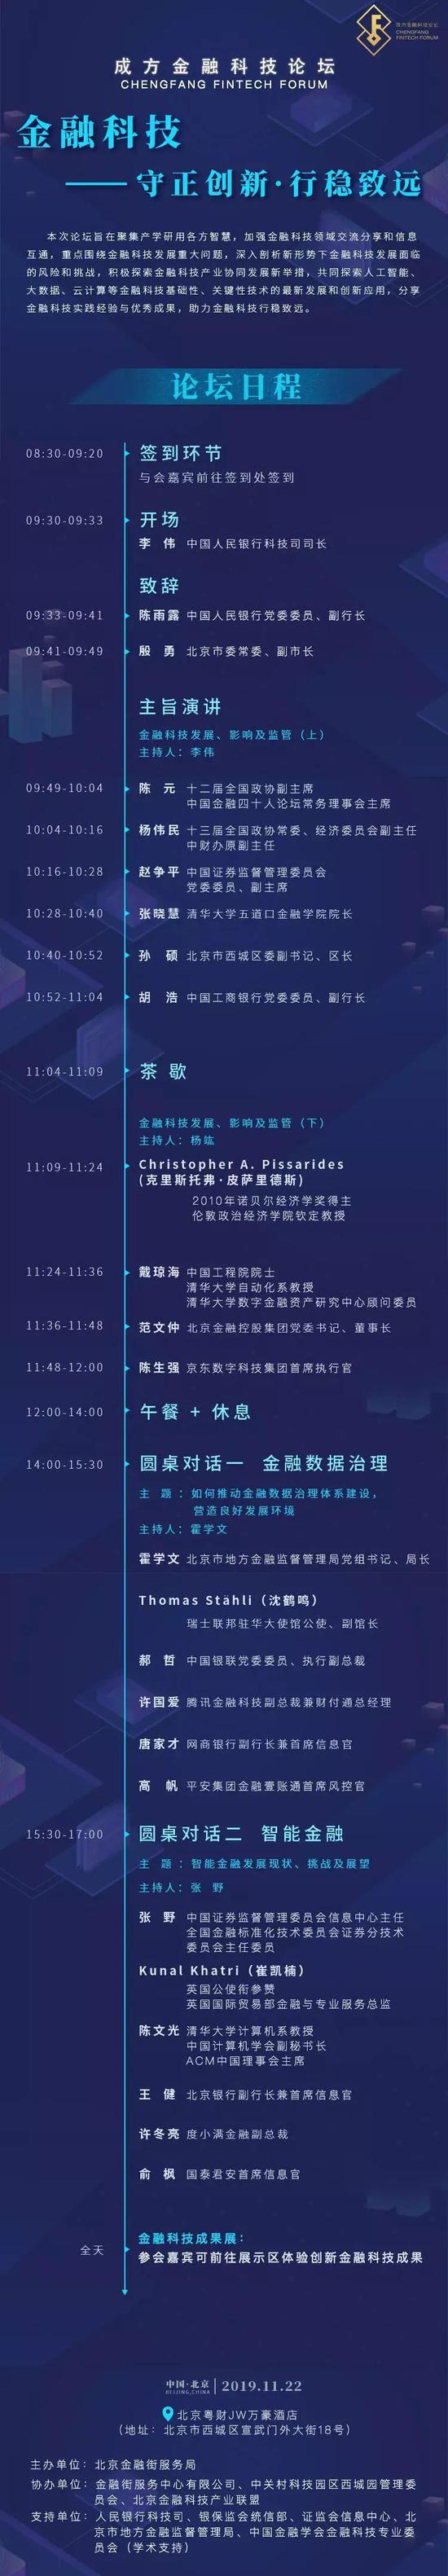 广州游戏娱乐平台代理-双12直播GMV翻一番 蘑菇街直播迎来整体升级